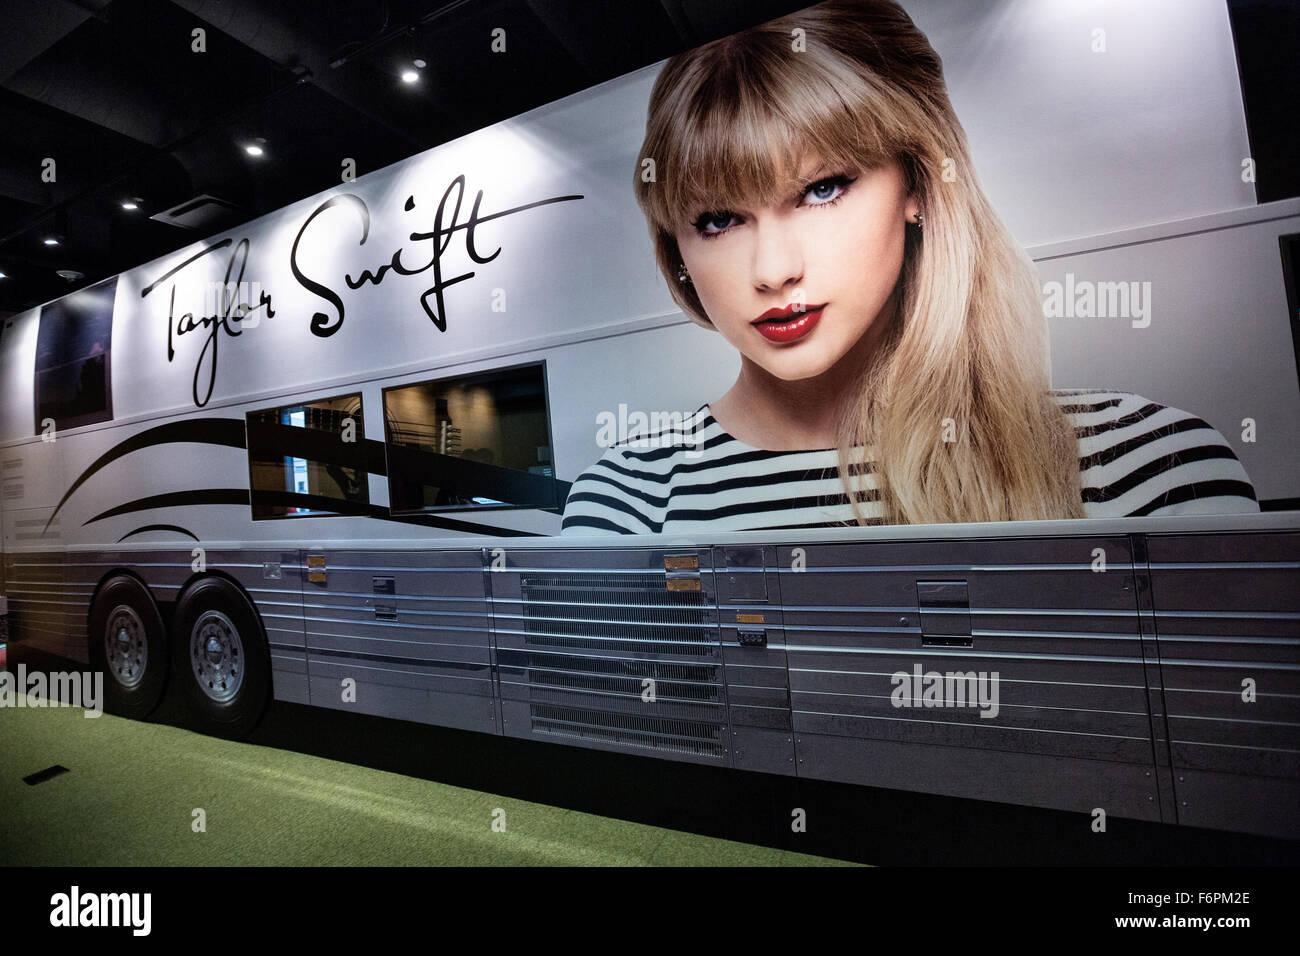 Presentación de la cantante Talyor Swift tour bus en exhibición en la Sala de la Fama de la música Imagen De Stock